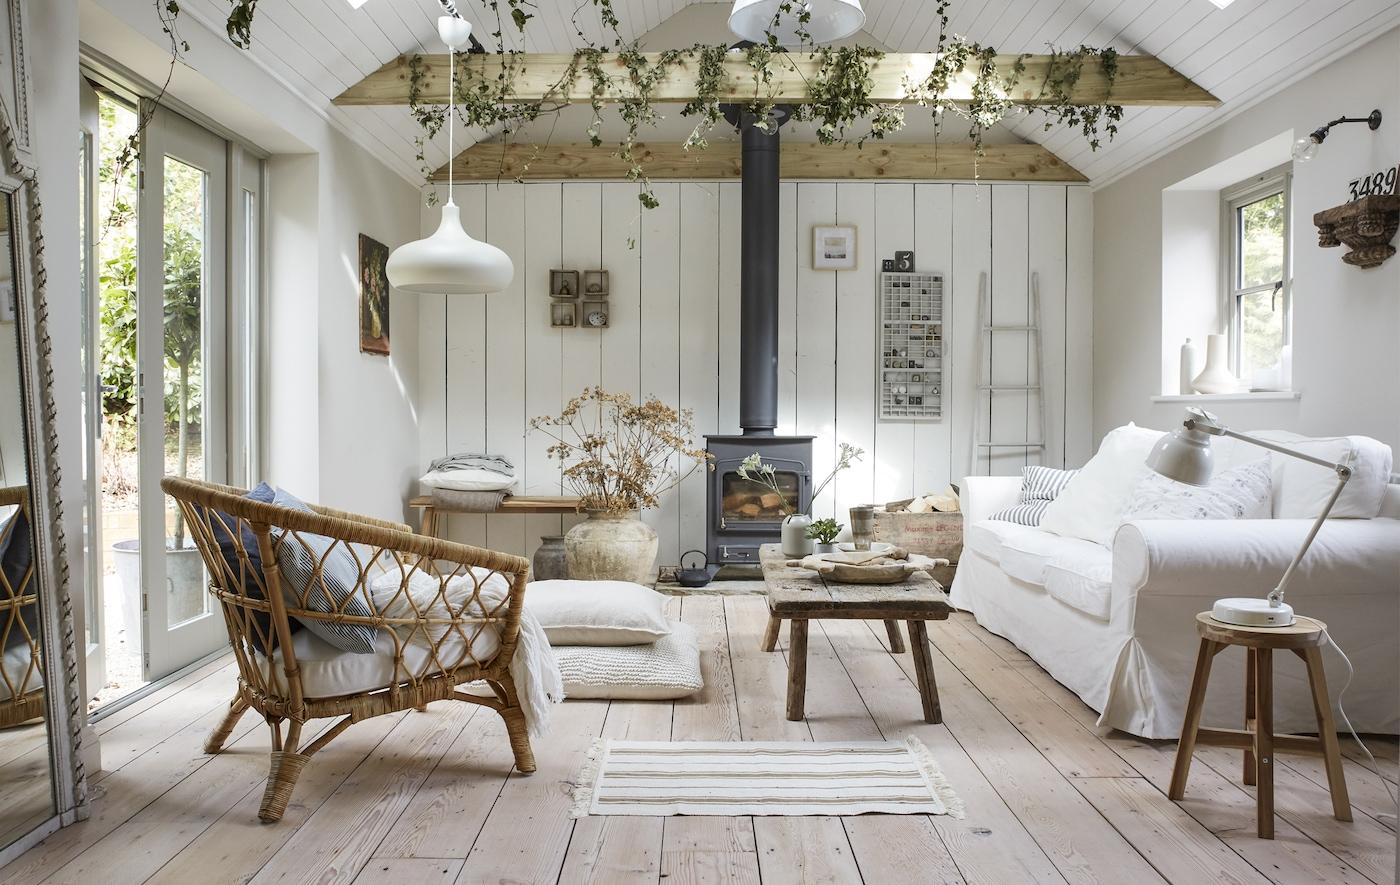 Colori Per Interni Casa Rustica un casale nella campagna inglese - ikea it